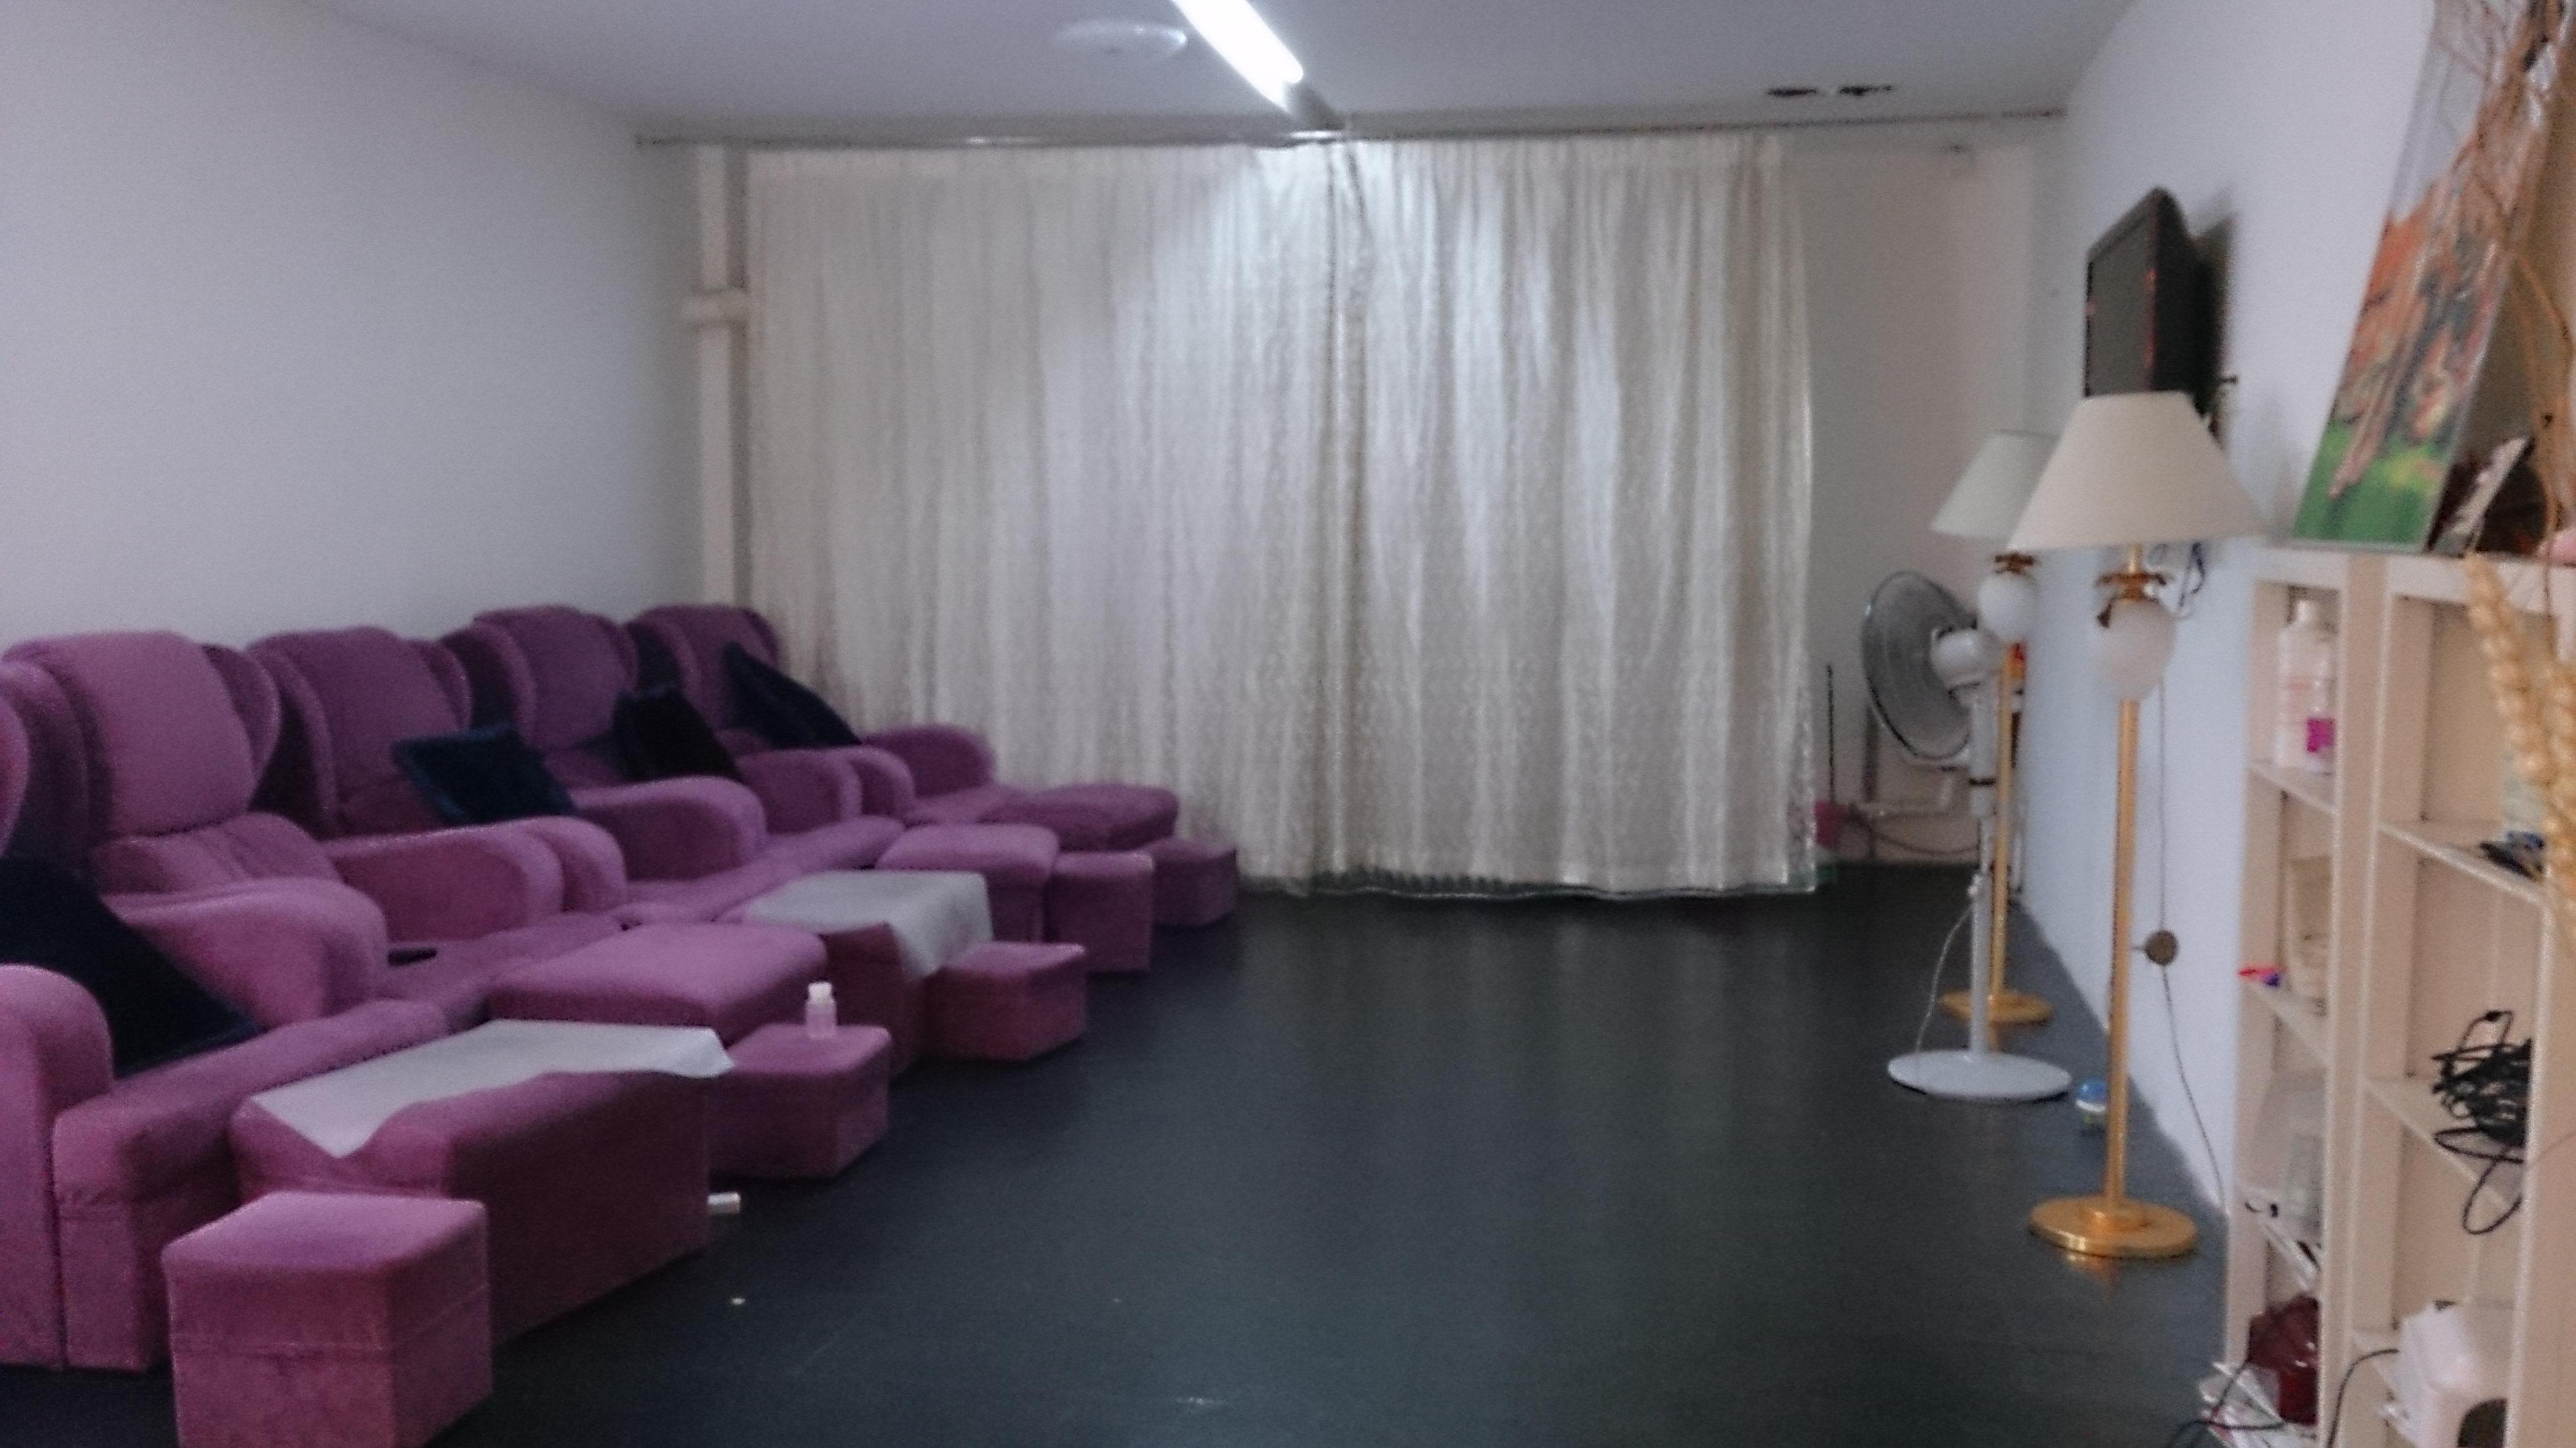 背景墙 房间 家居 酒店 设计 卧室 卧室装修 现代 装修 3920_2204